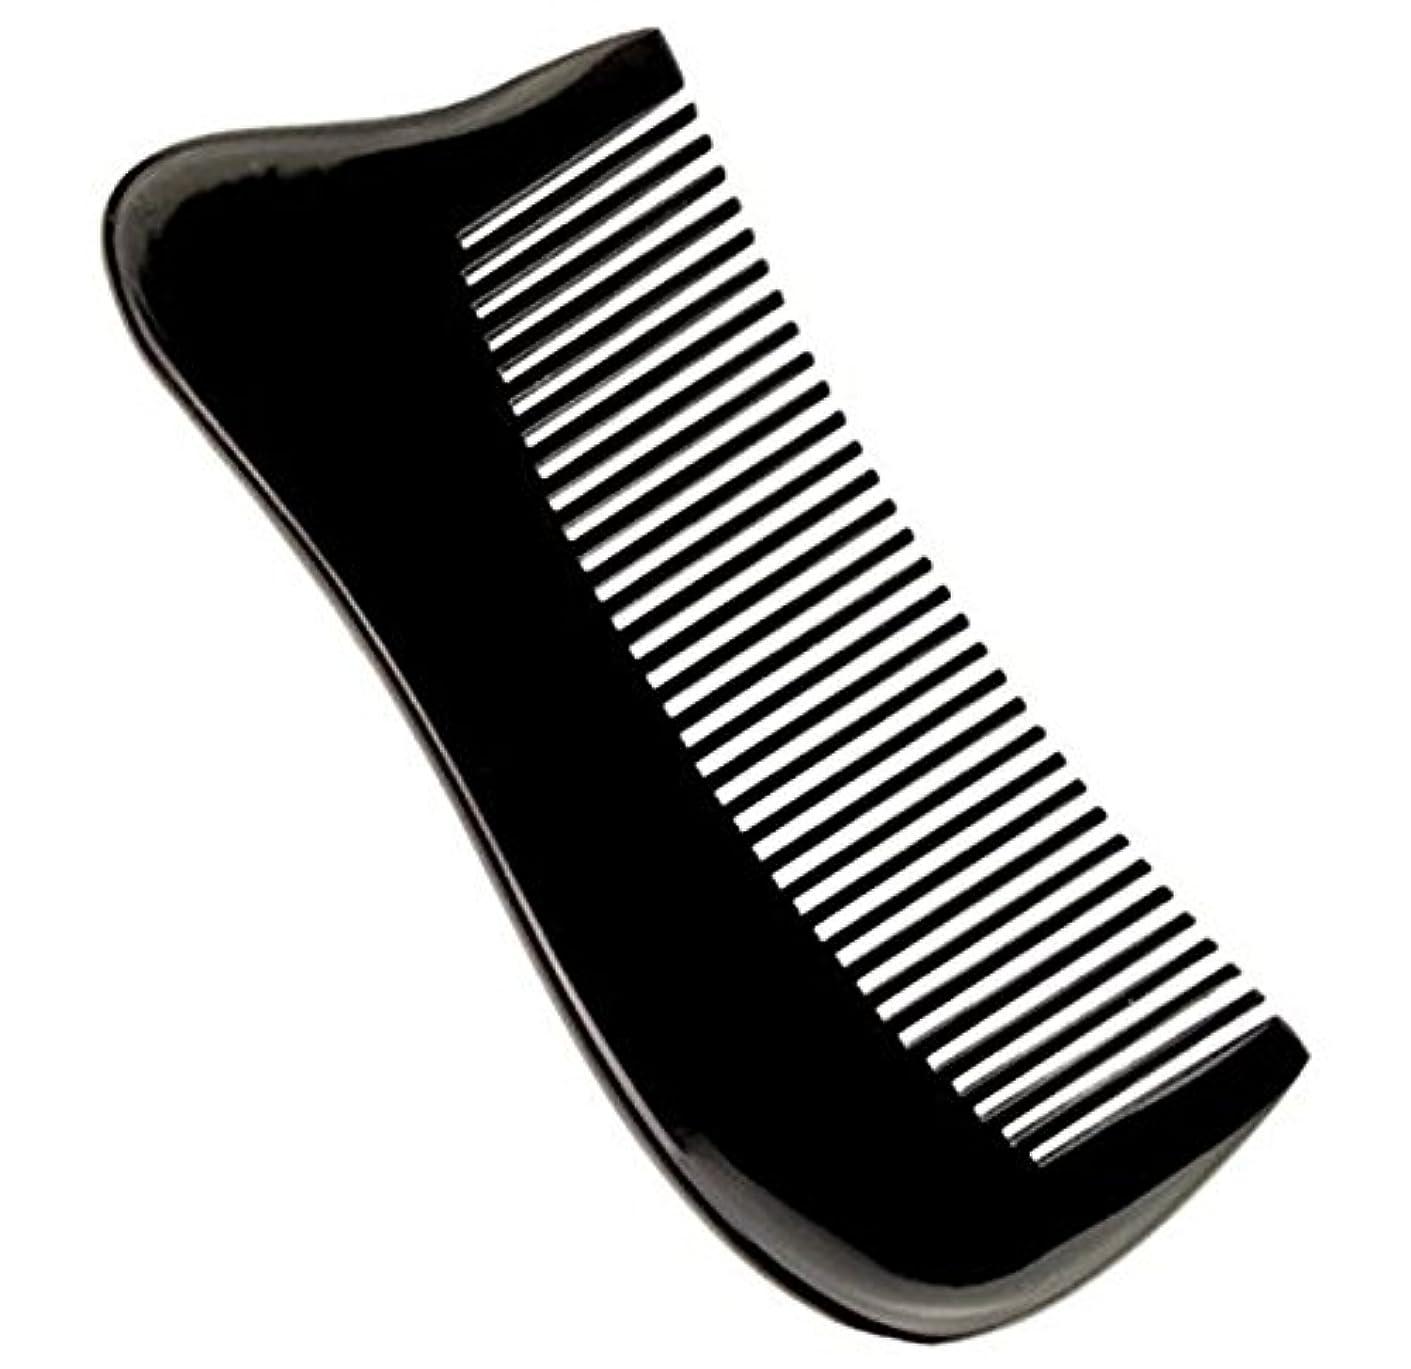 隔離するシビック昼寝櫛型 プロも使う牛角かっさプレート マサージ用 血行改善 高級 天然 静電気防止 美髪 美顔 ボディ リンパマッサージ